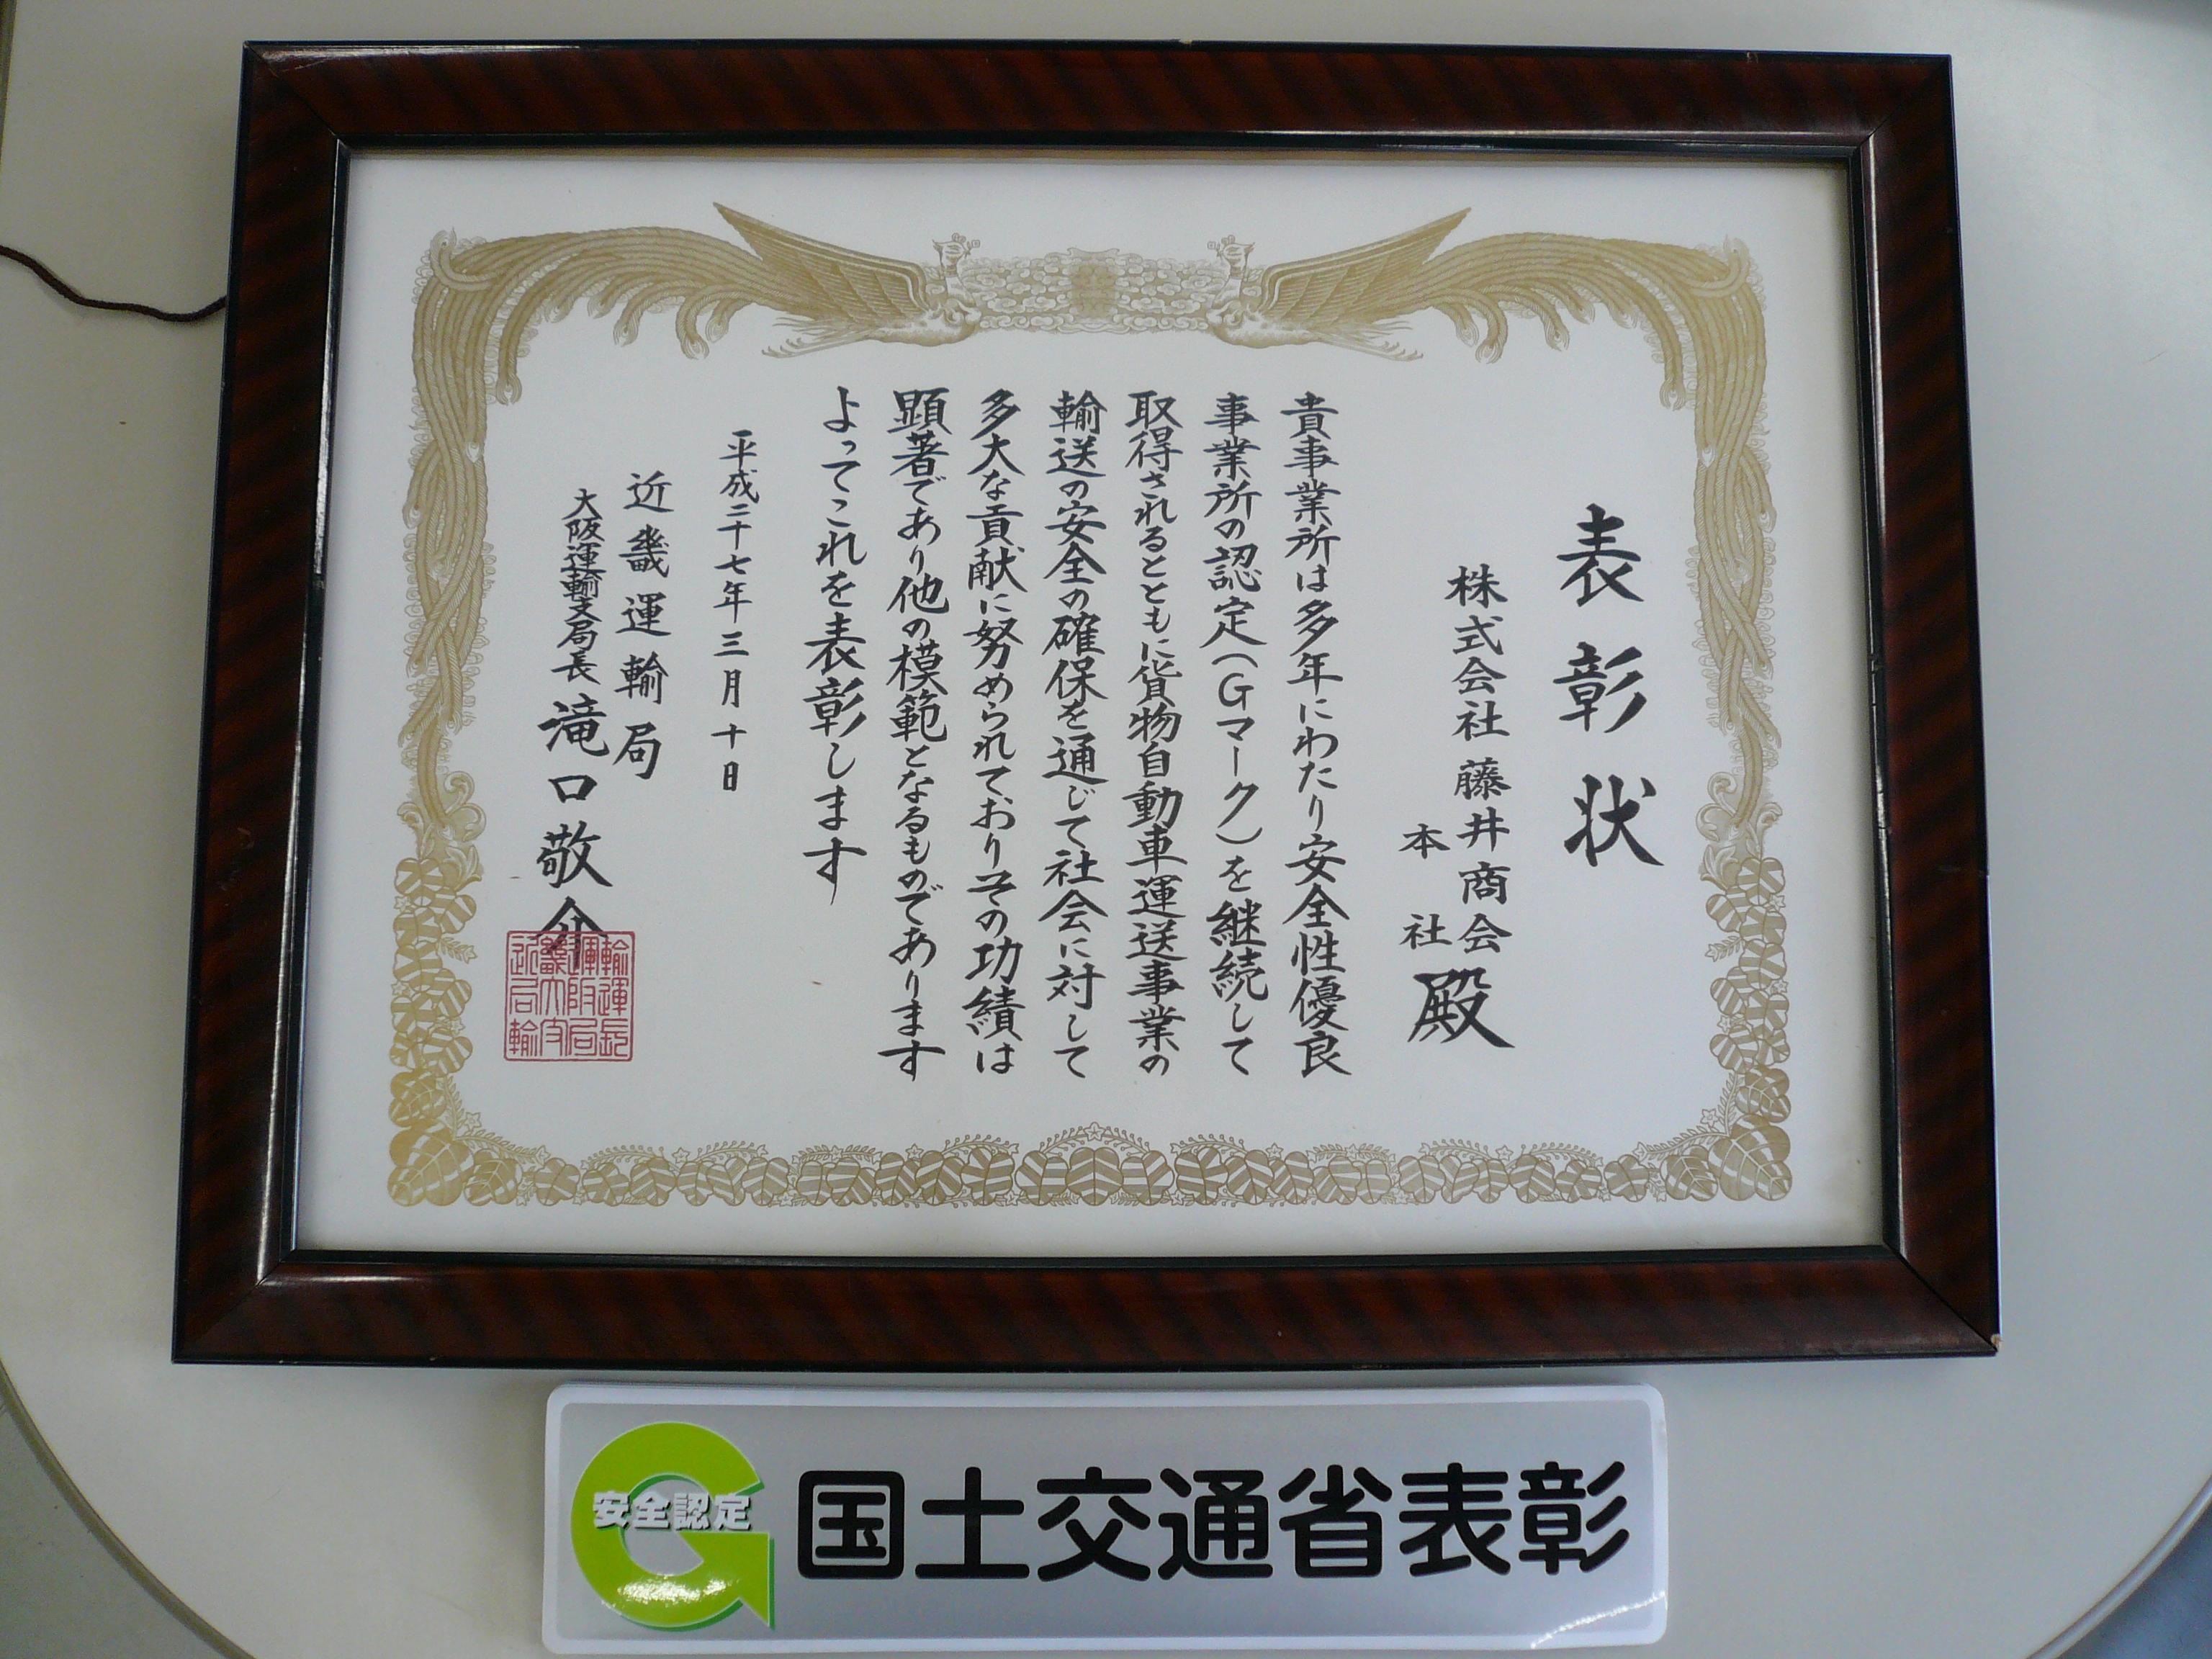 http://www.fujiishokai.com/news/%E7%B6%99%E7%B6%9A%E6%9B%B4%E6%96%B0.JPG